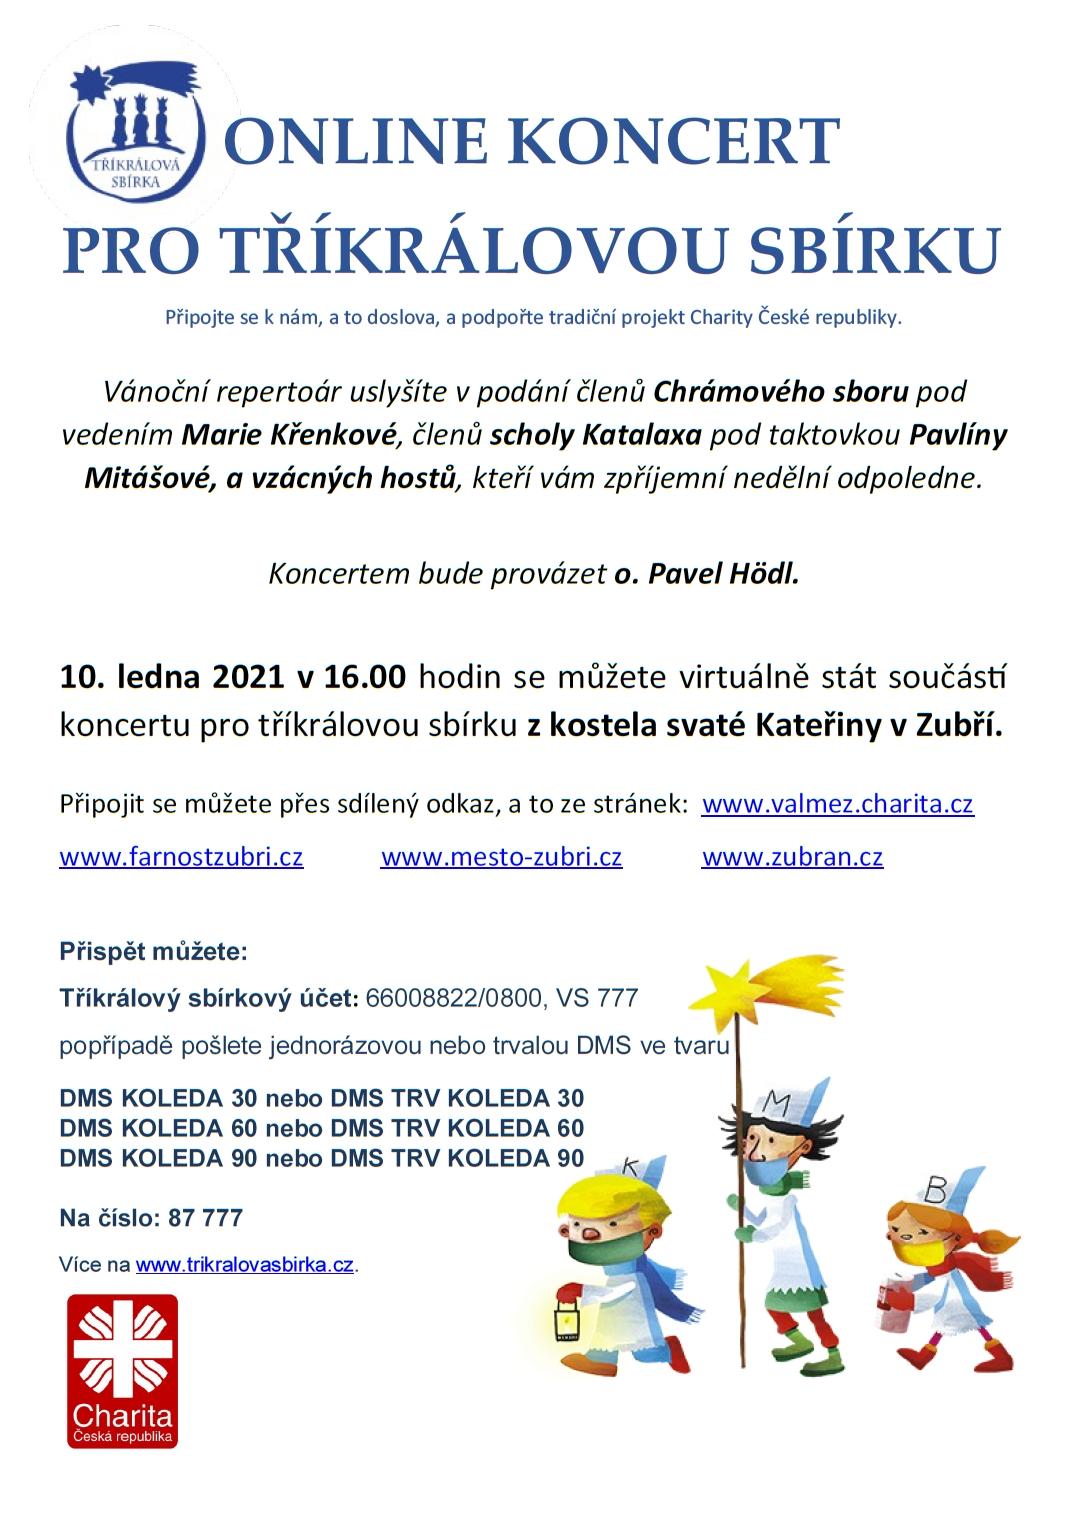 Online trikralovy koncert Zubří